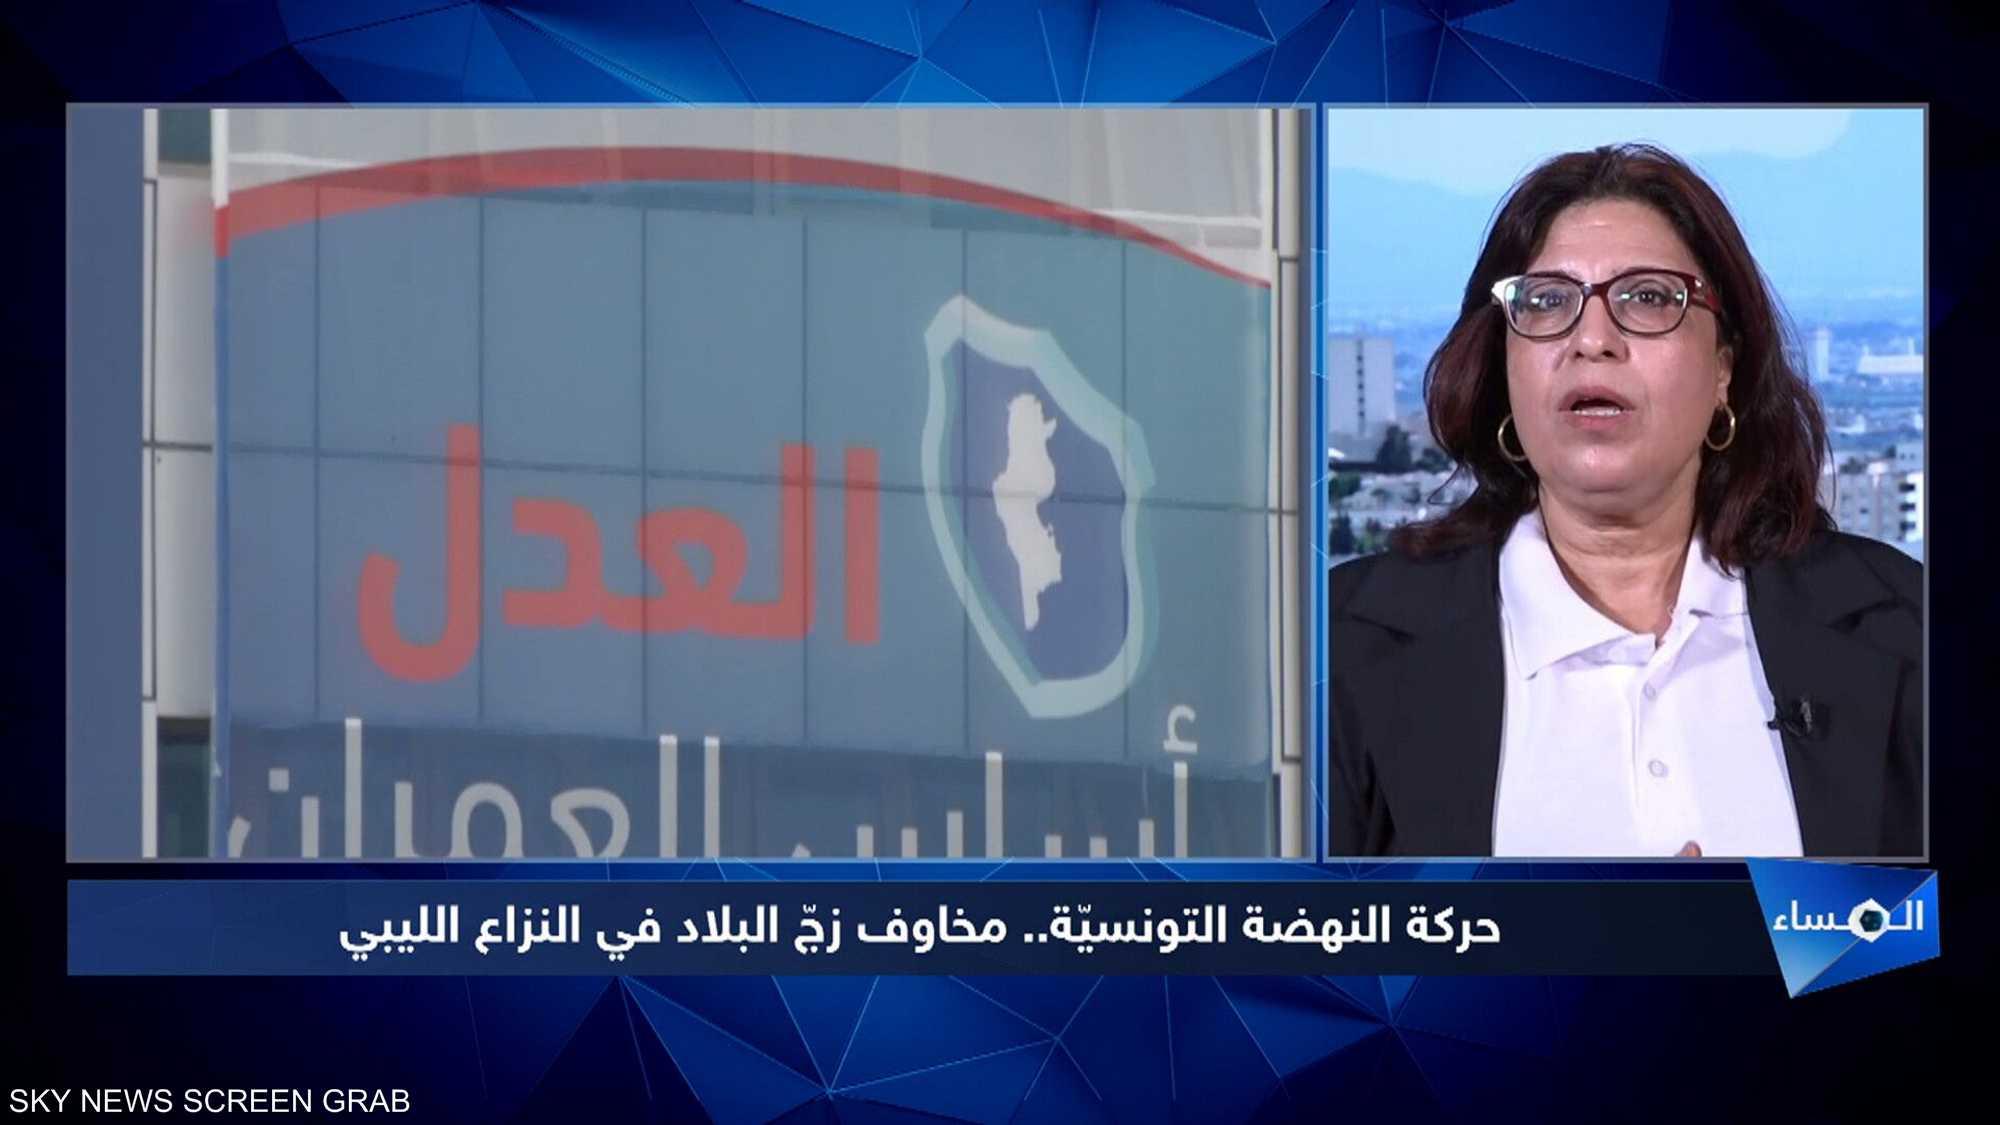 مخاوف في تونس من زج البلاد في سياسة المحاور الإقليمية